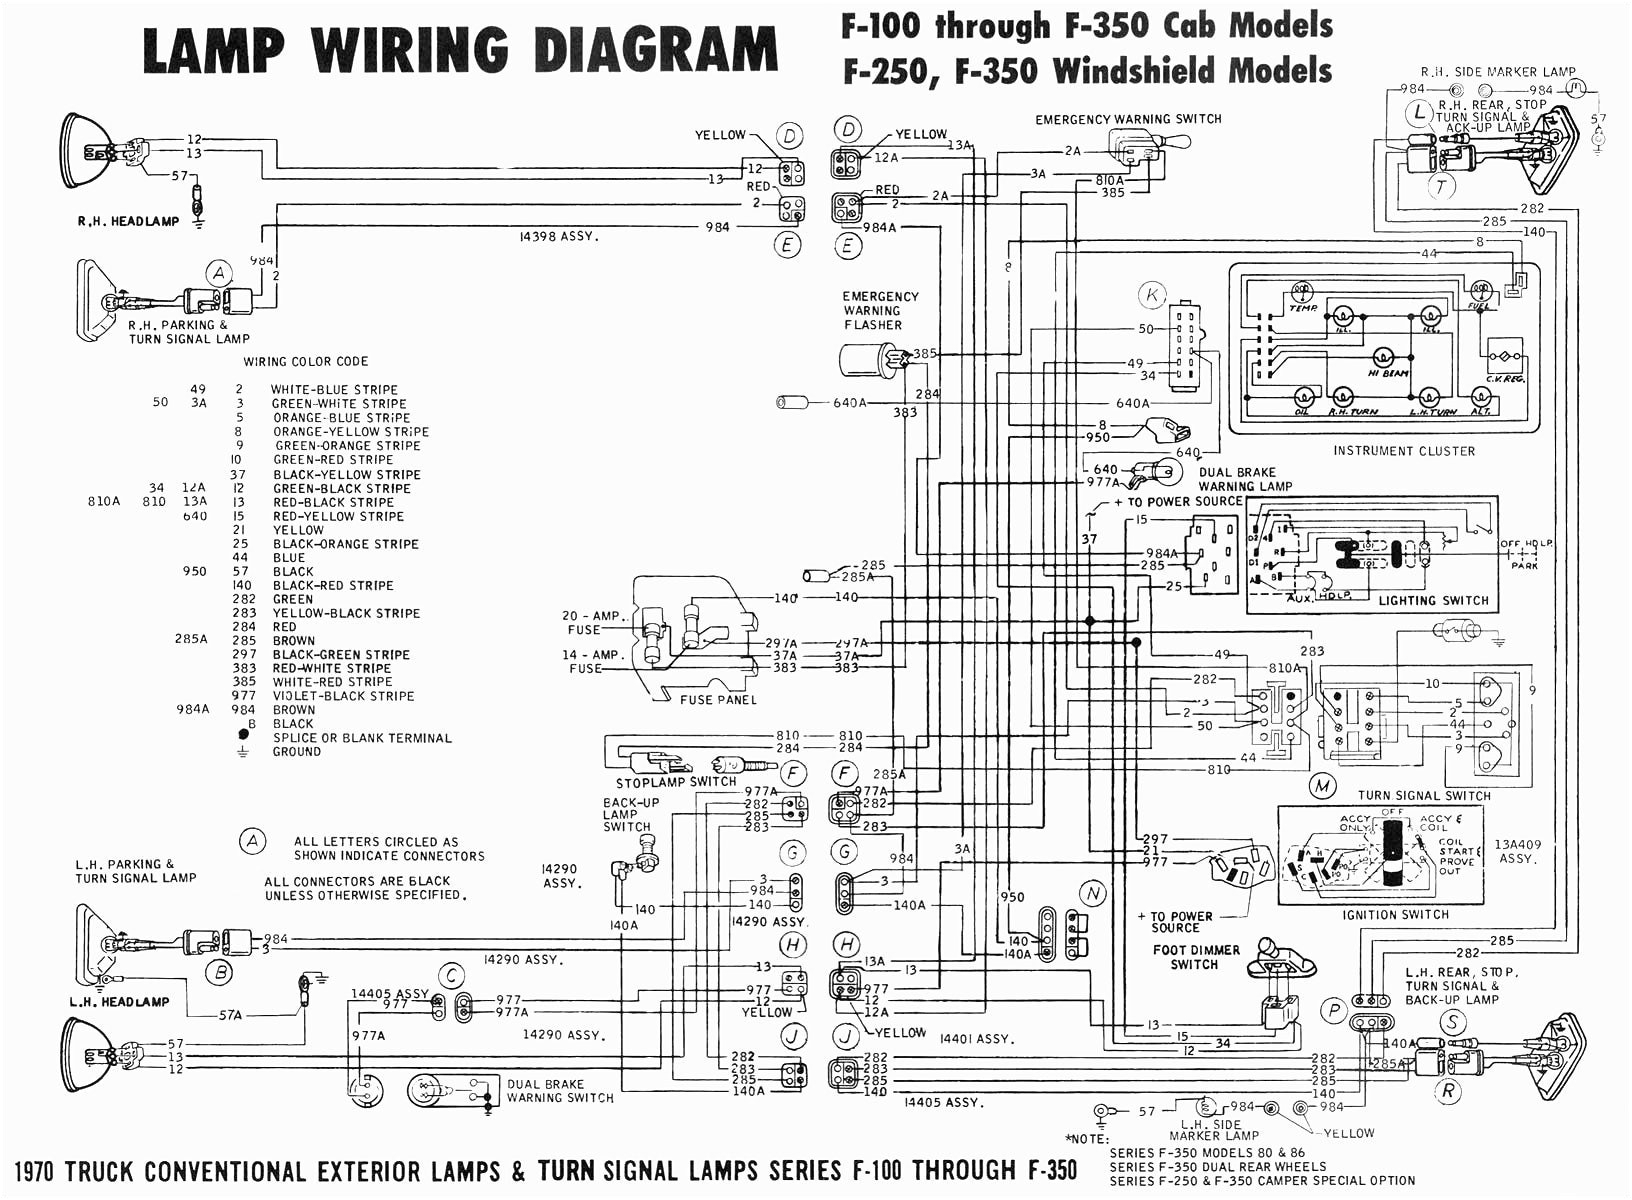 138 014 mtd wiring diagram use wiring diagram wiring diagram sears ss14